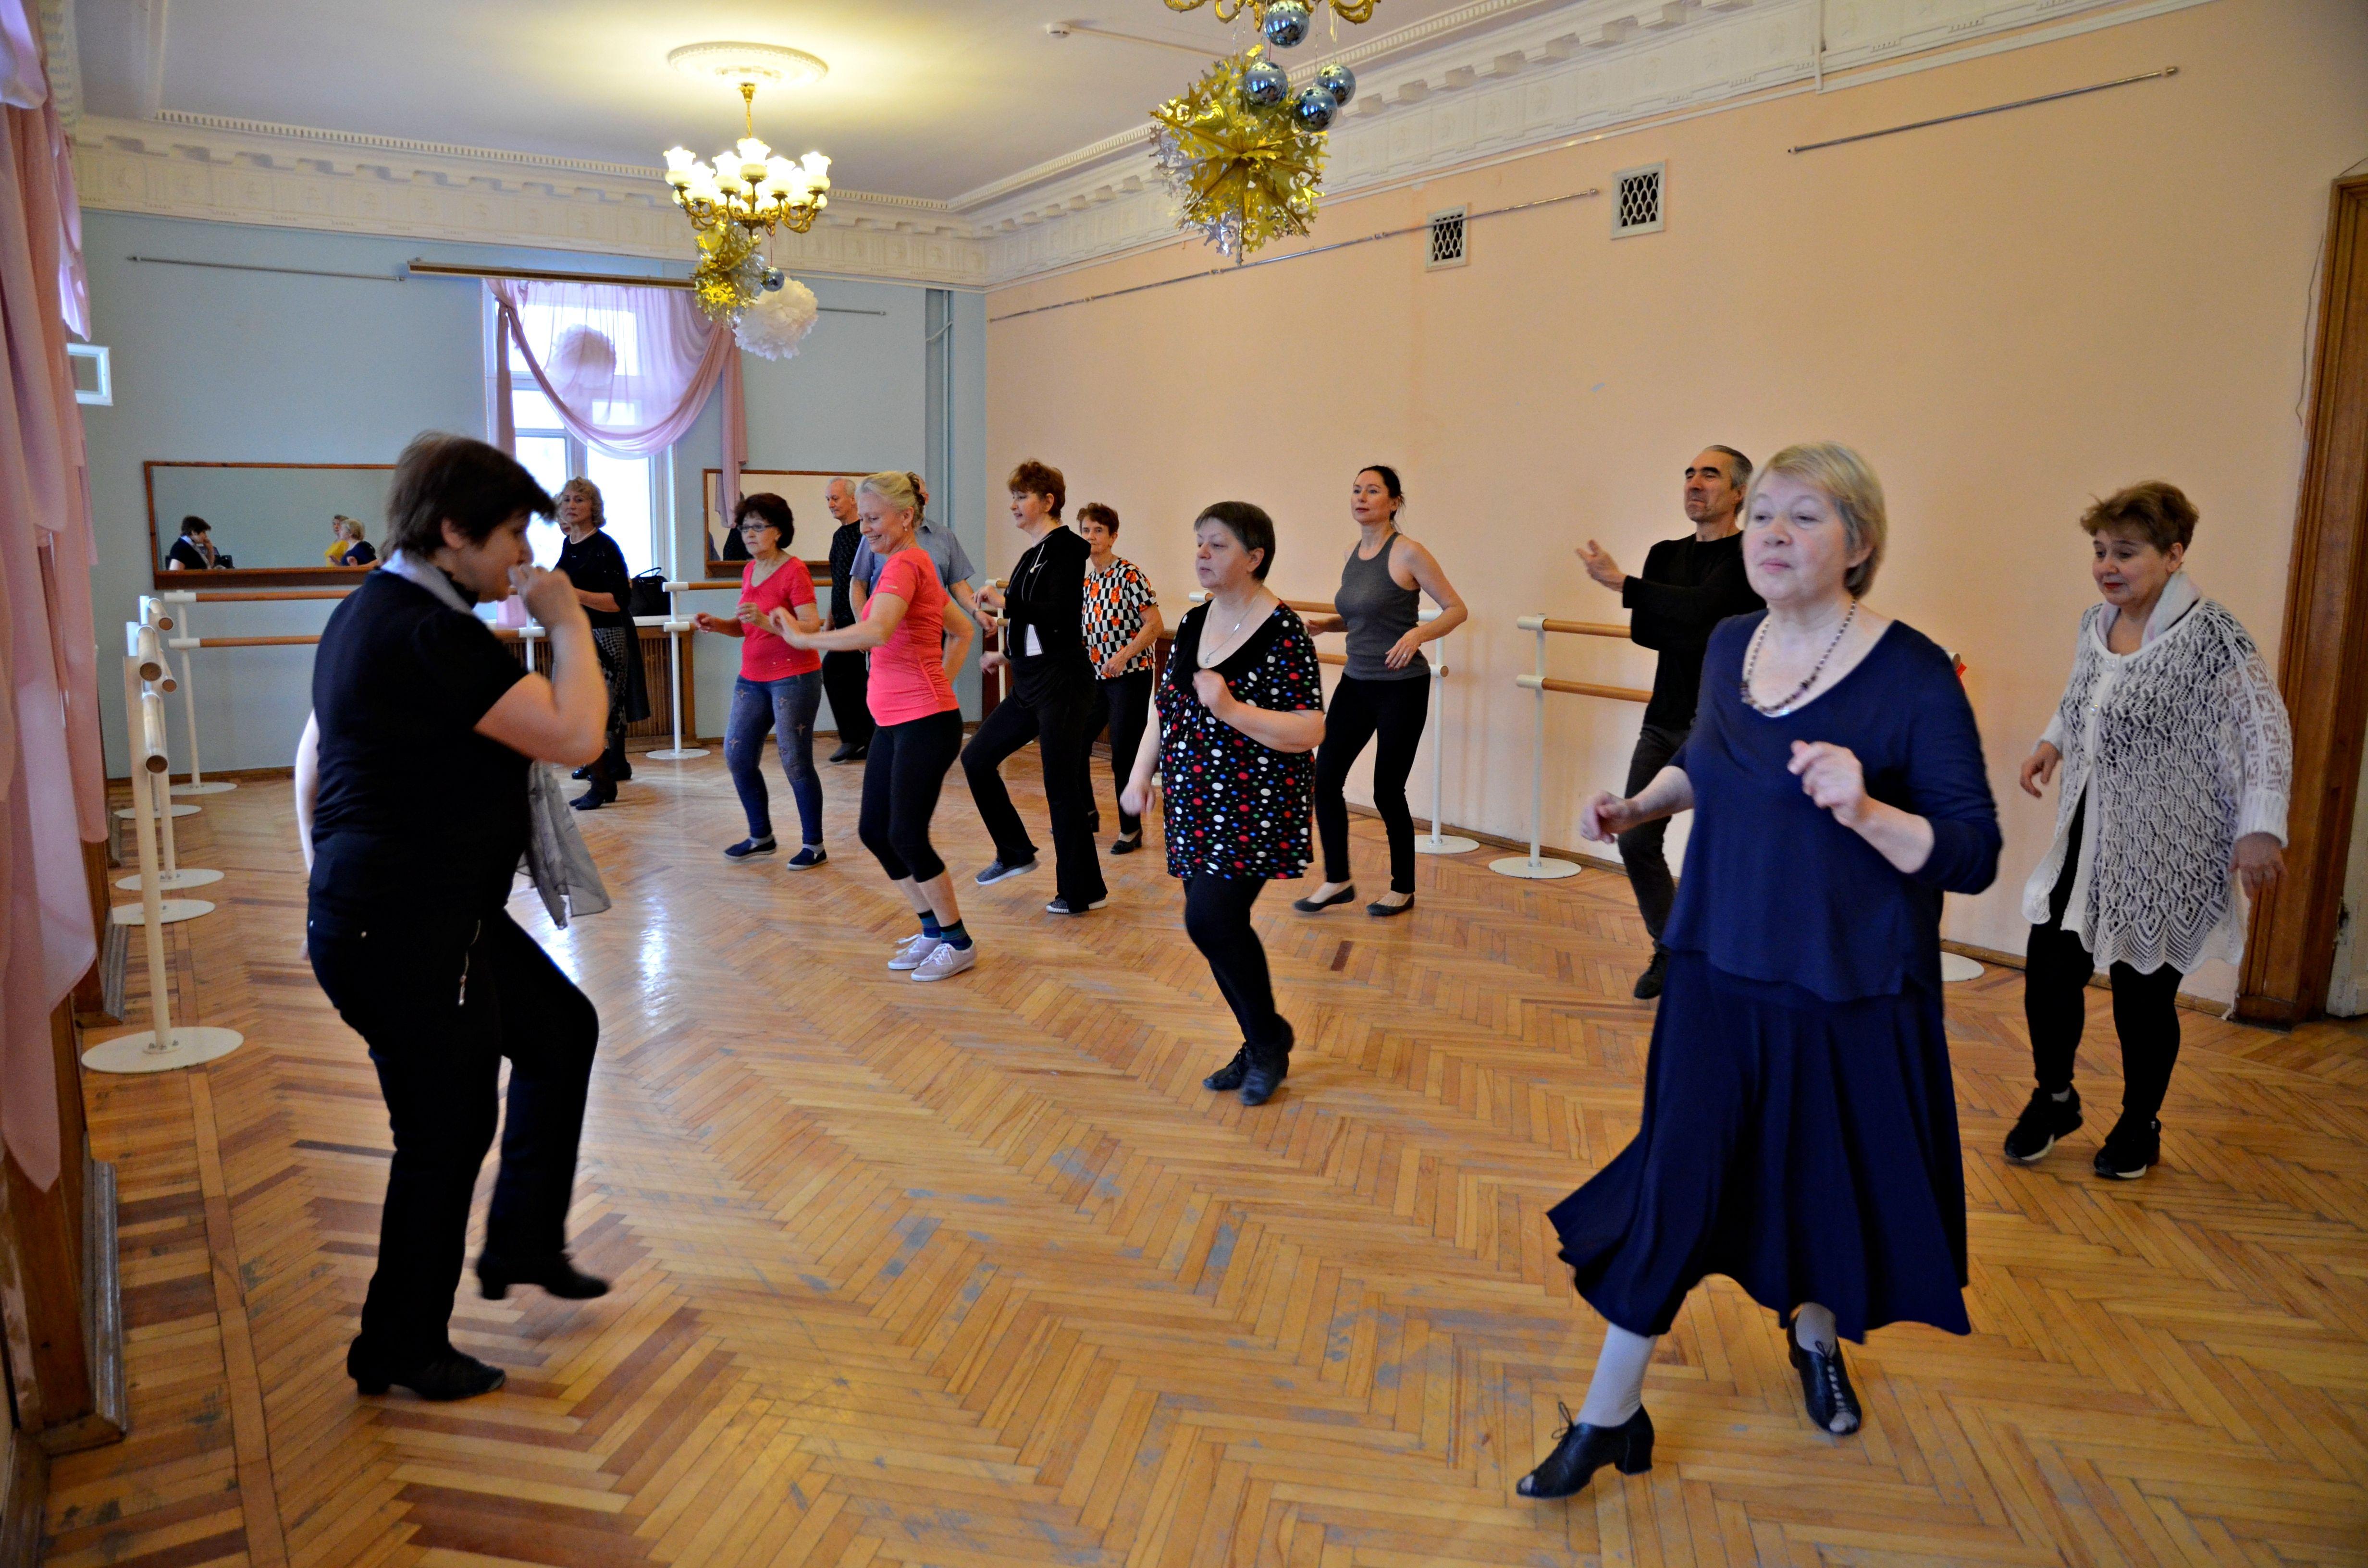 Горожане танцуют под зажигательные латиноамериканские мотивы